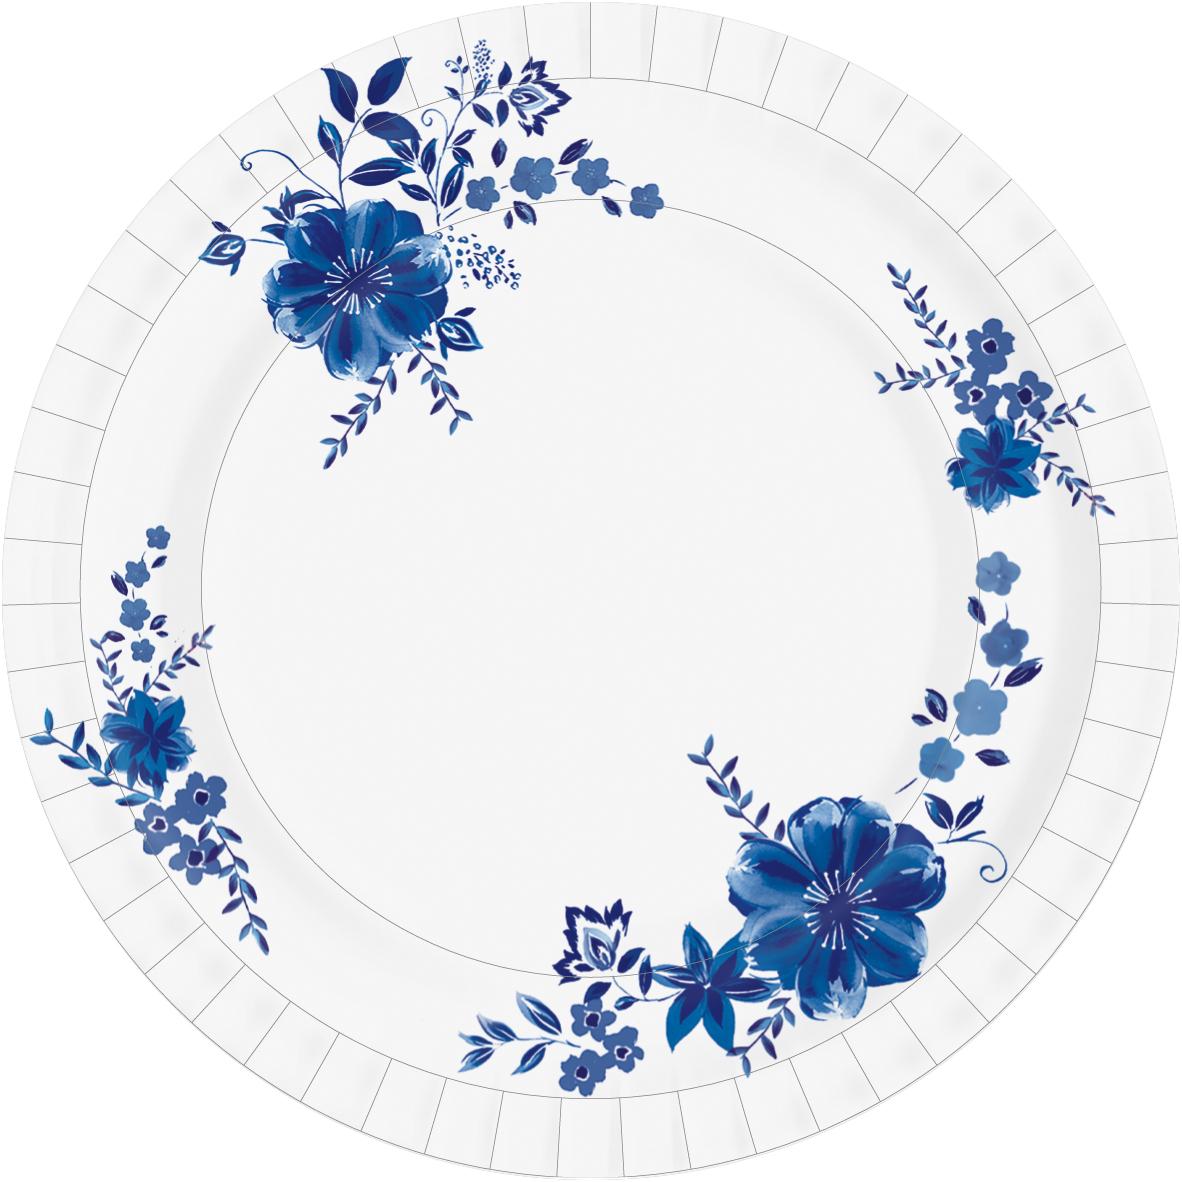 Набор одноразовых тарелок Duni Laura, диаметр 22 см, 10 шт173439Набор одноразовой посуды Duni Laura состоит из 10 круглых тарелок, выполненных из плотной бумаги и предназначенных для одноразового использования. Изделия декорированы высококачественным стильным узором. Одноразовые тарелки будут незаменимы в поездках на природу, пикниках и других мероприятиях. Они не займут много места, легки и самое главное - после использования их не надо мыть. Не использовать в микроволновой печи. Диаметр тарелки (по верхнему краю): 22 см. Высота тарелки: 2 см. Количество в упаковке: 10 шт.